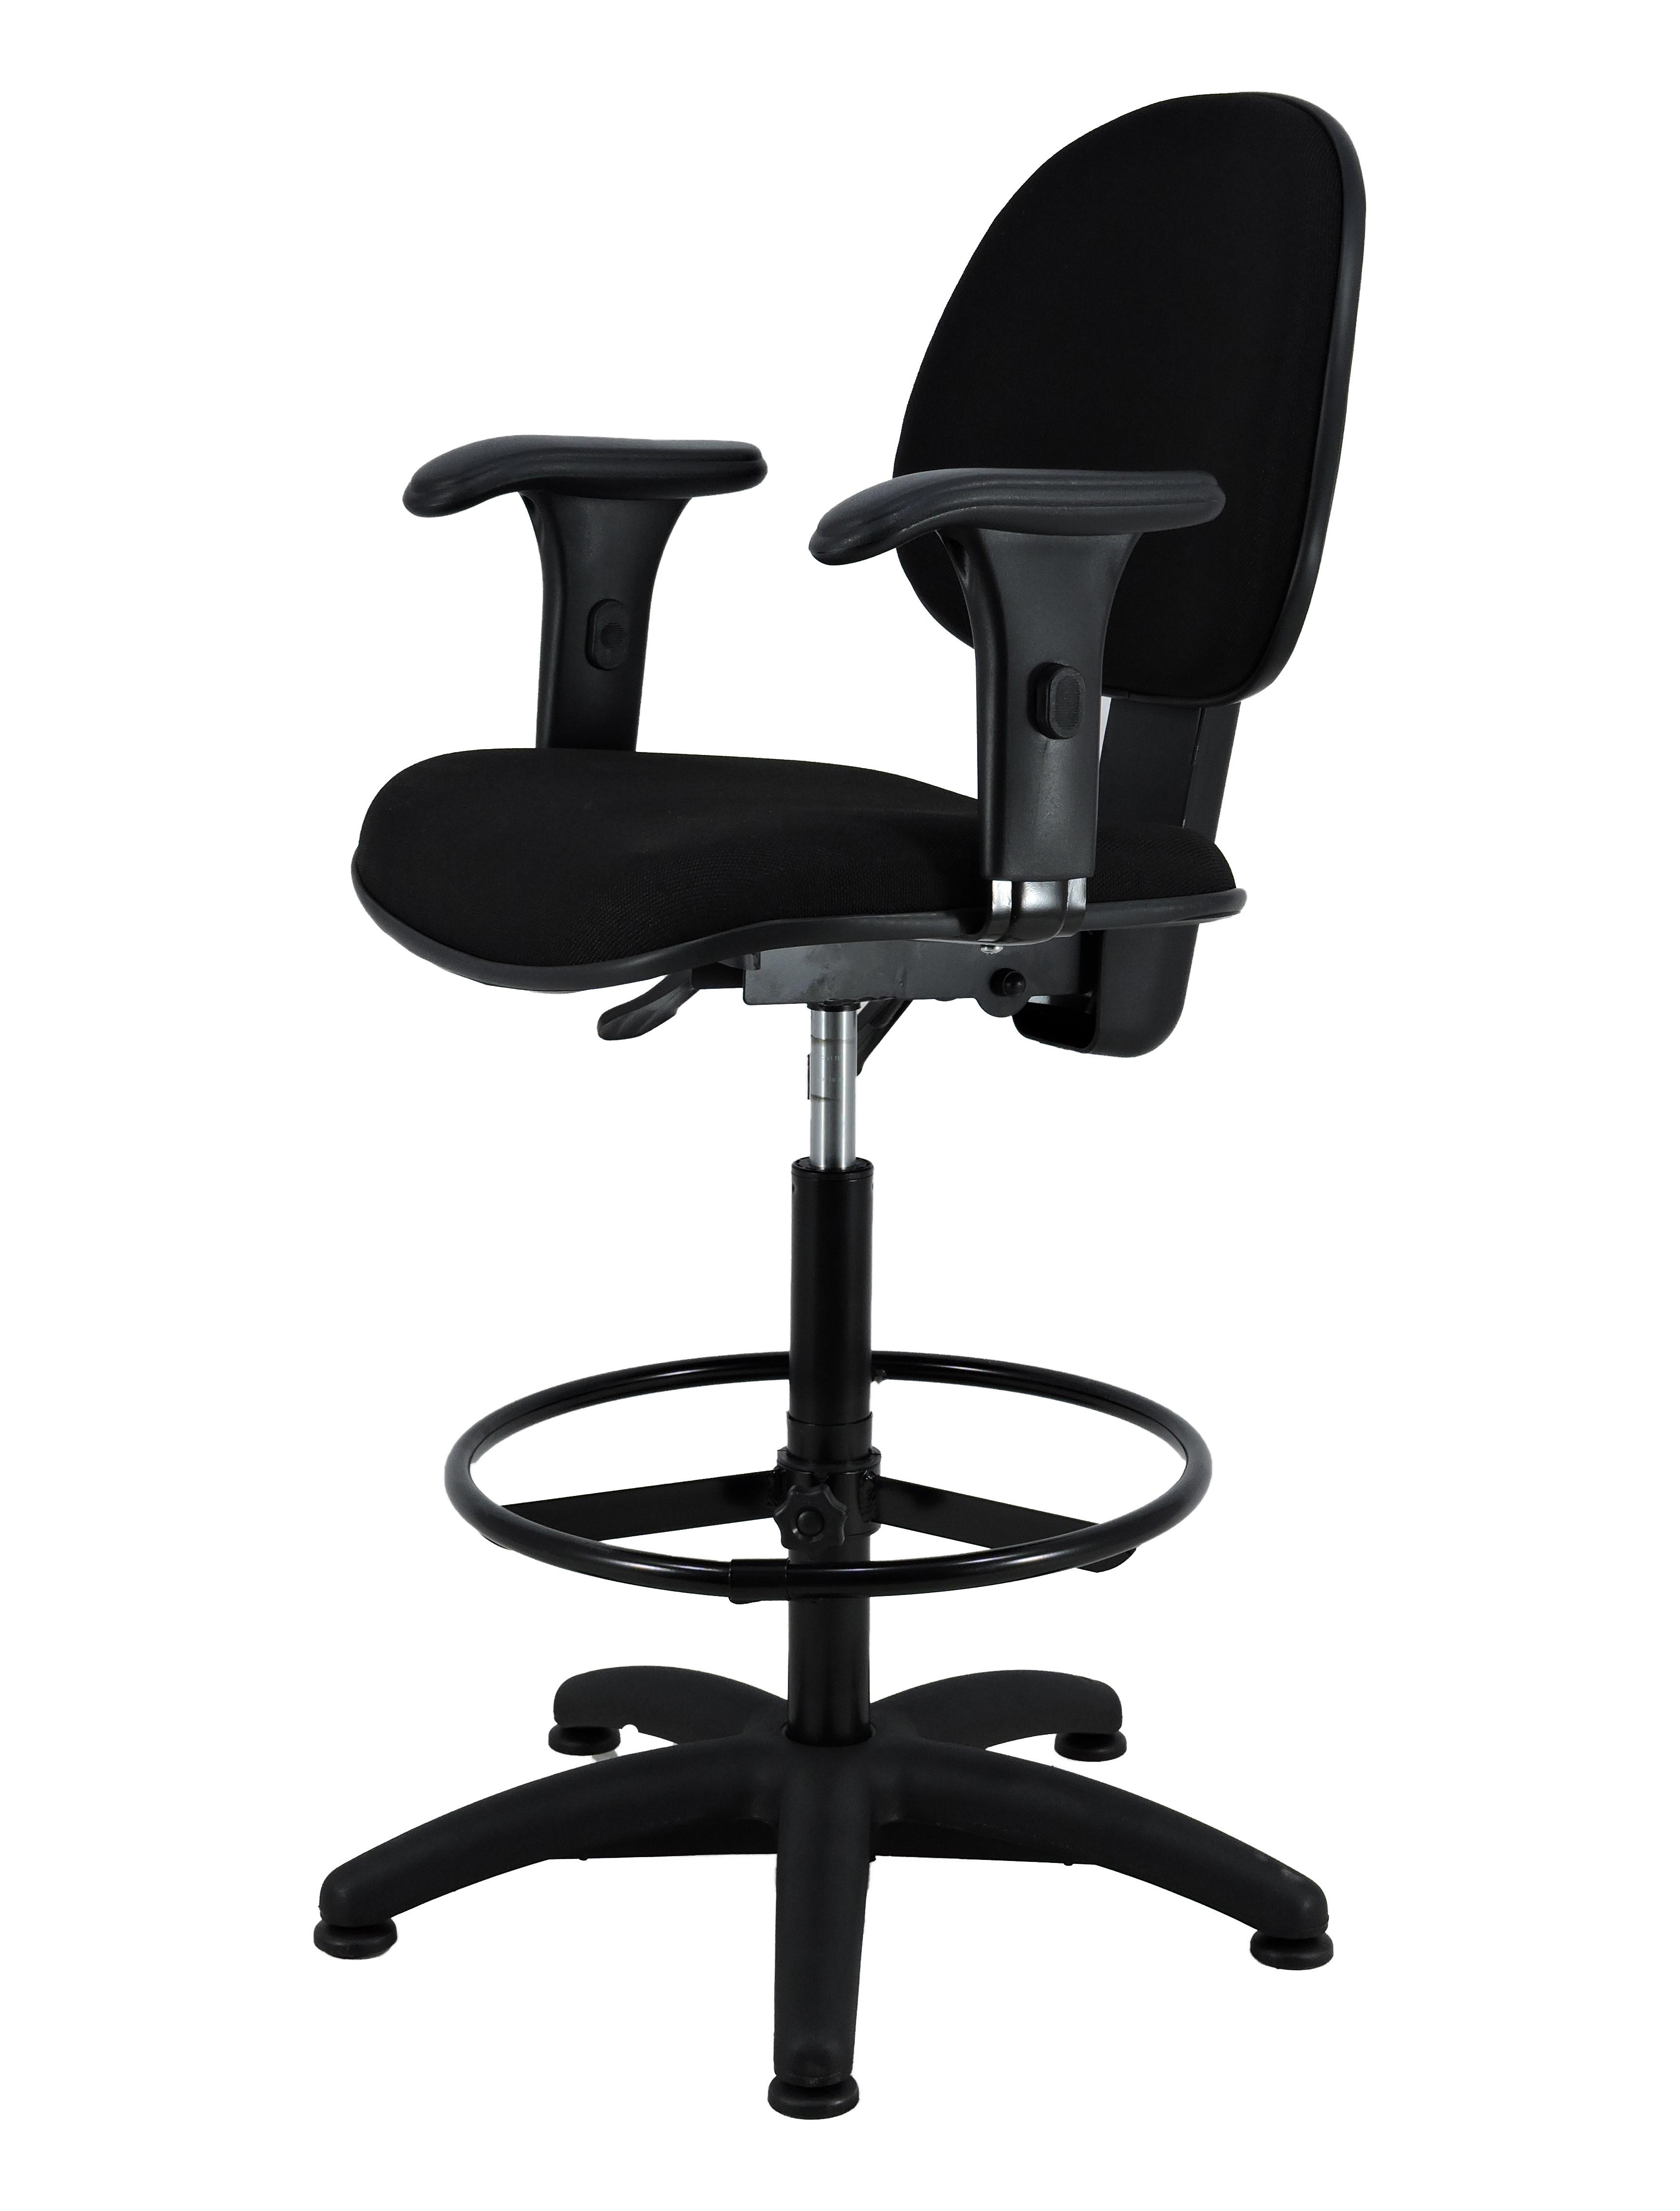 Image of: Industria Das Cadeiras Cadeira Escritorio T Regulavel Caixa Base Fixa Com Sapata J Serrano Work Preta